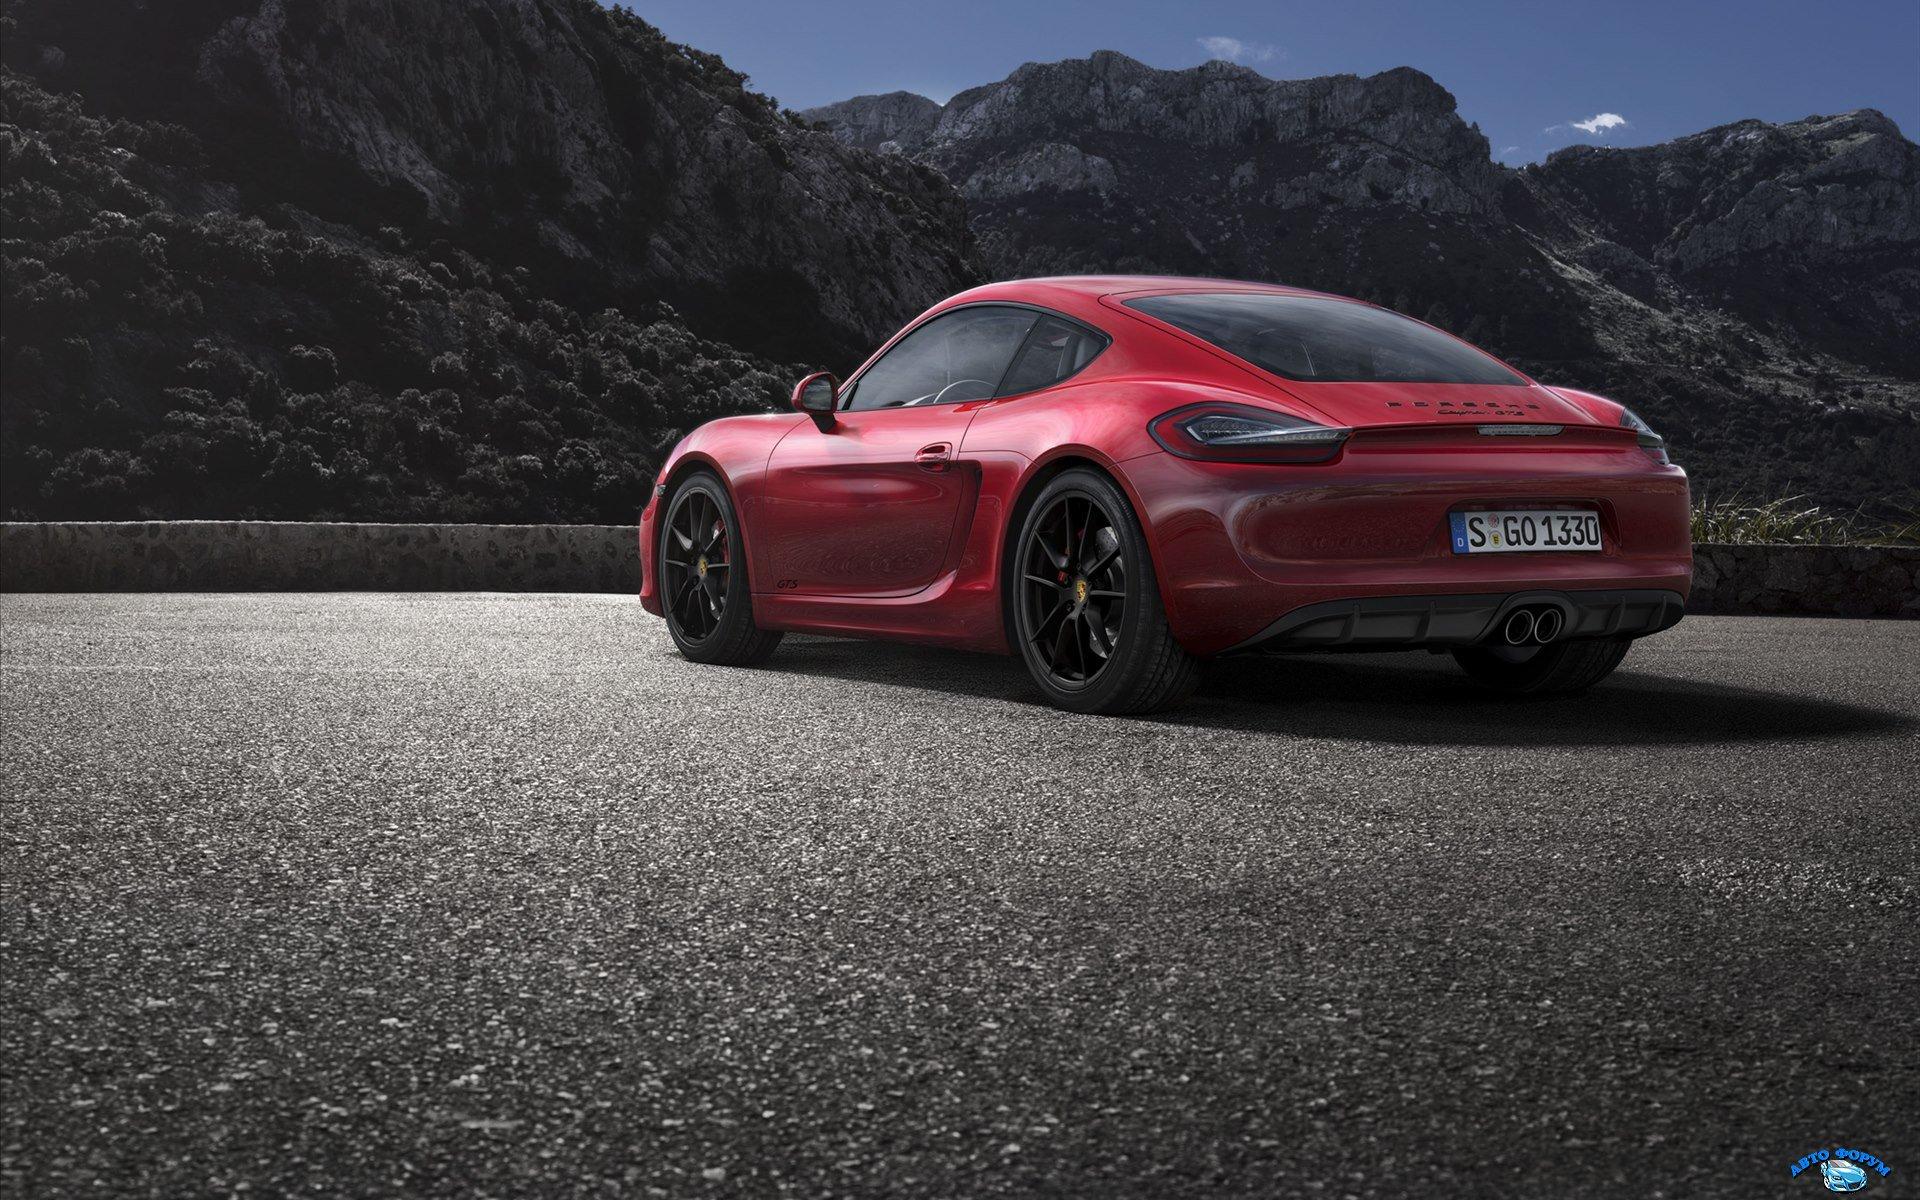 Porsche-Cayman-GTS-2015-widescreen-07.jpg